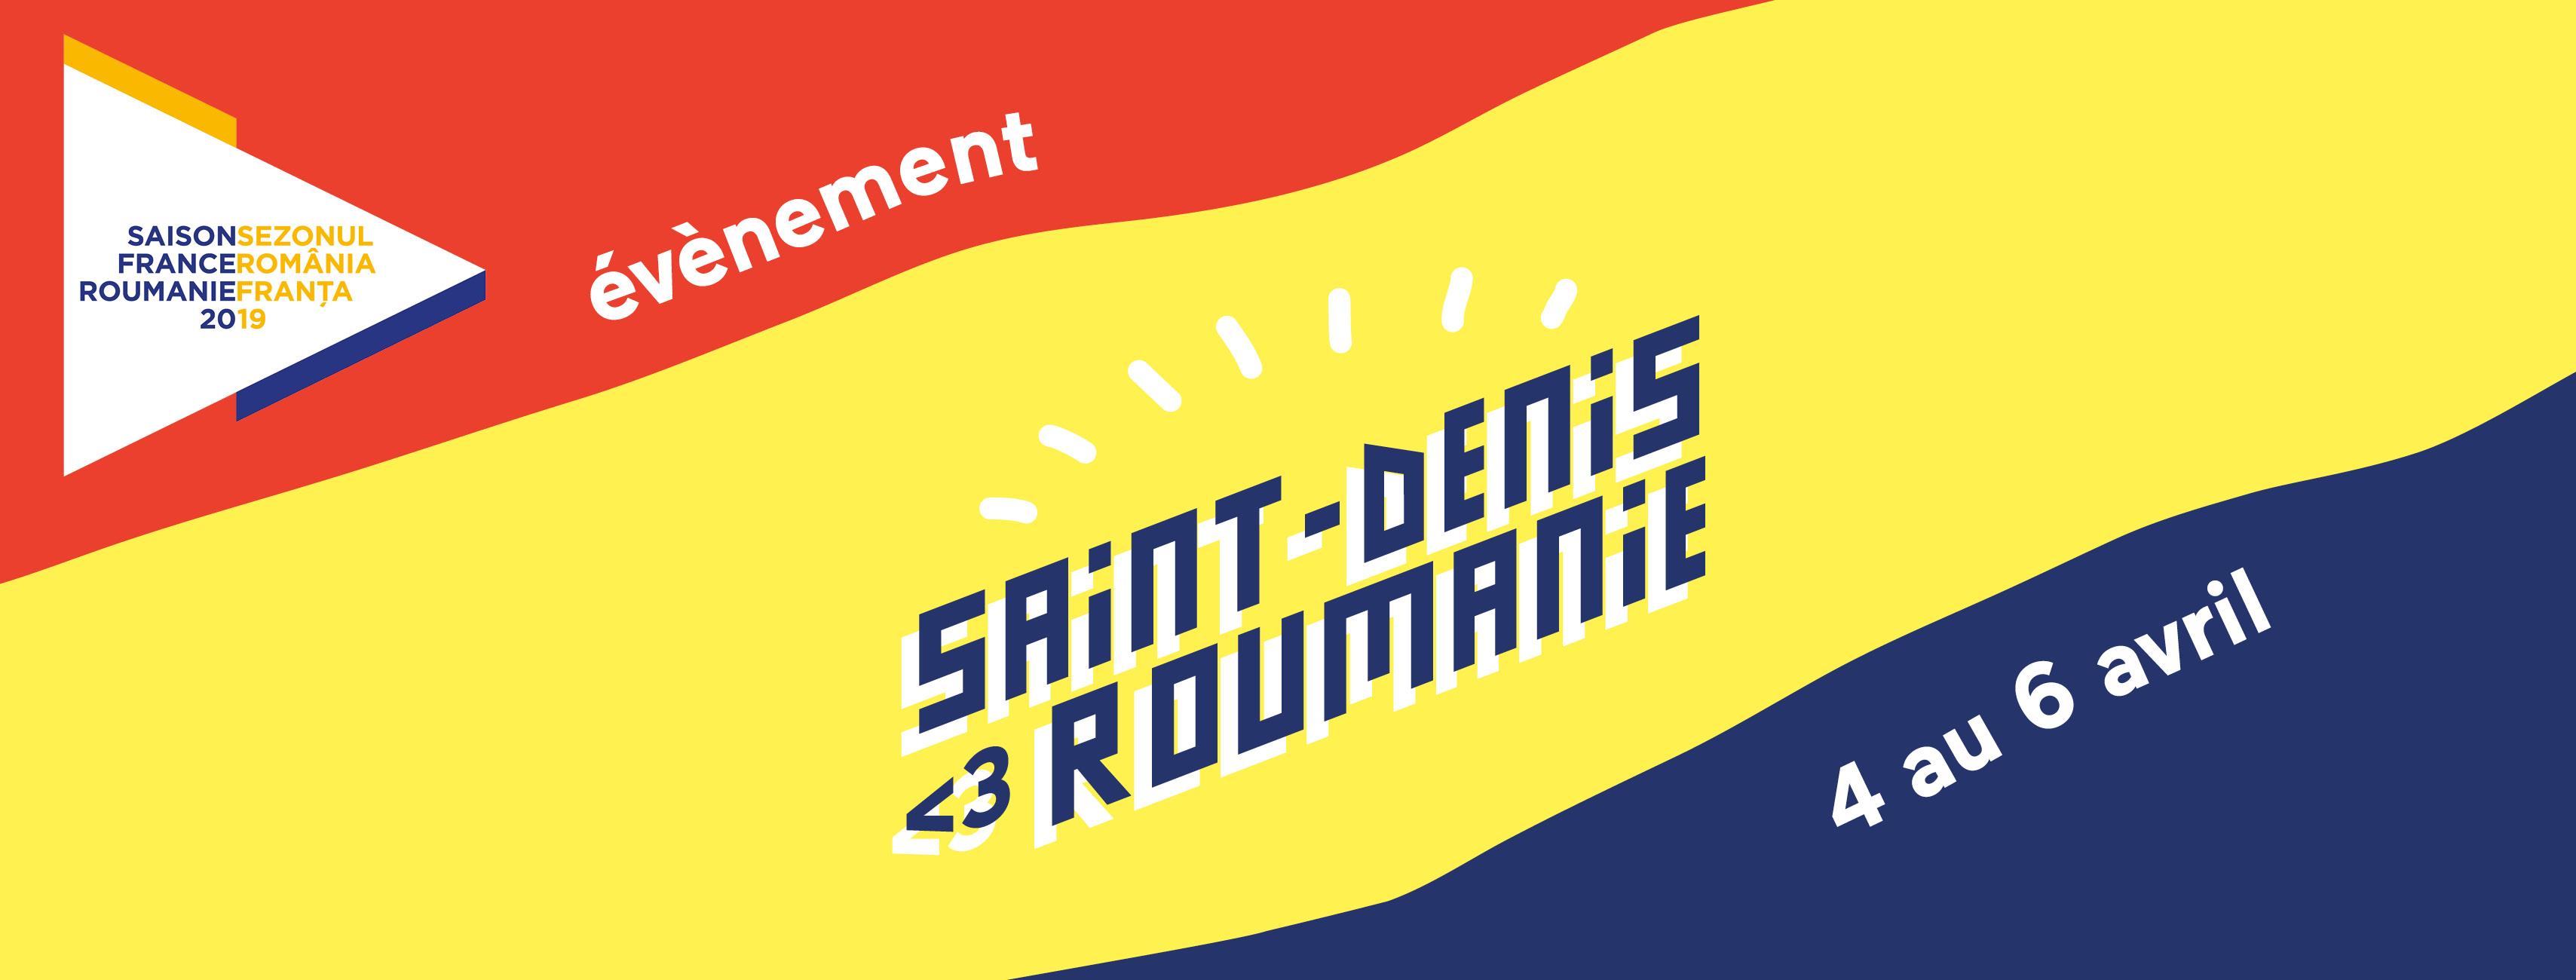 Saint Denis <3 Roumanie